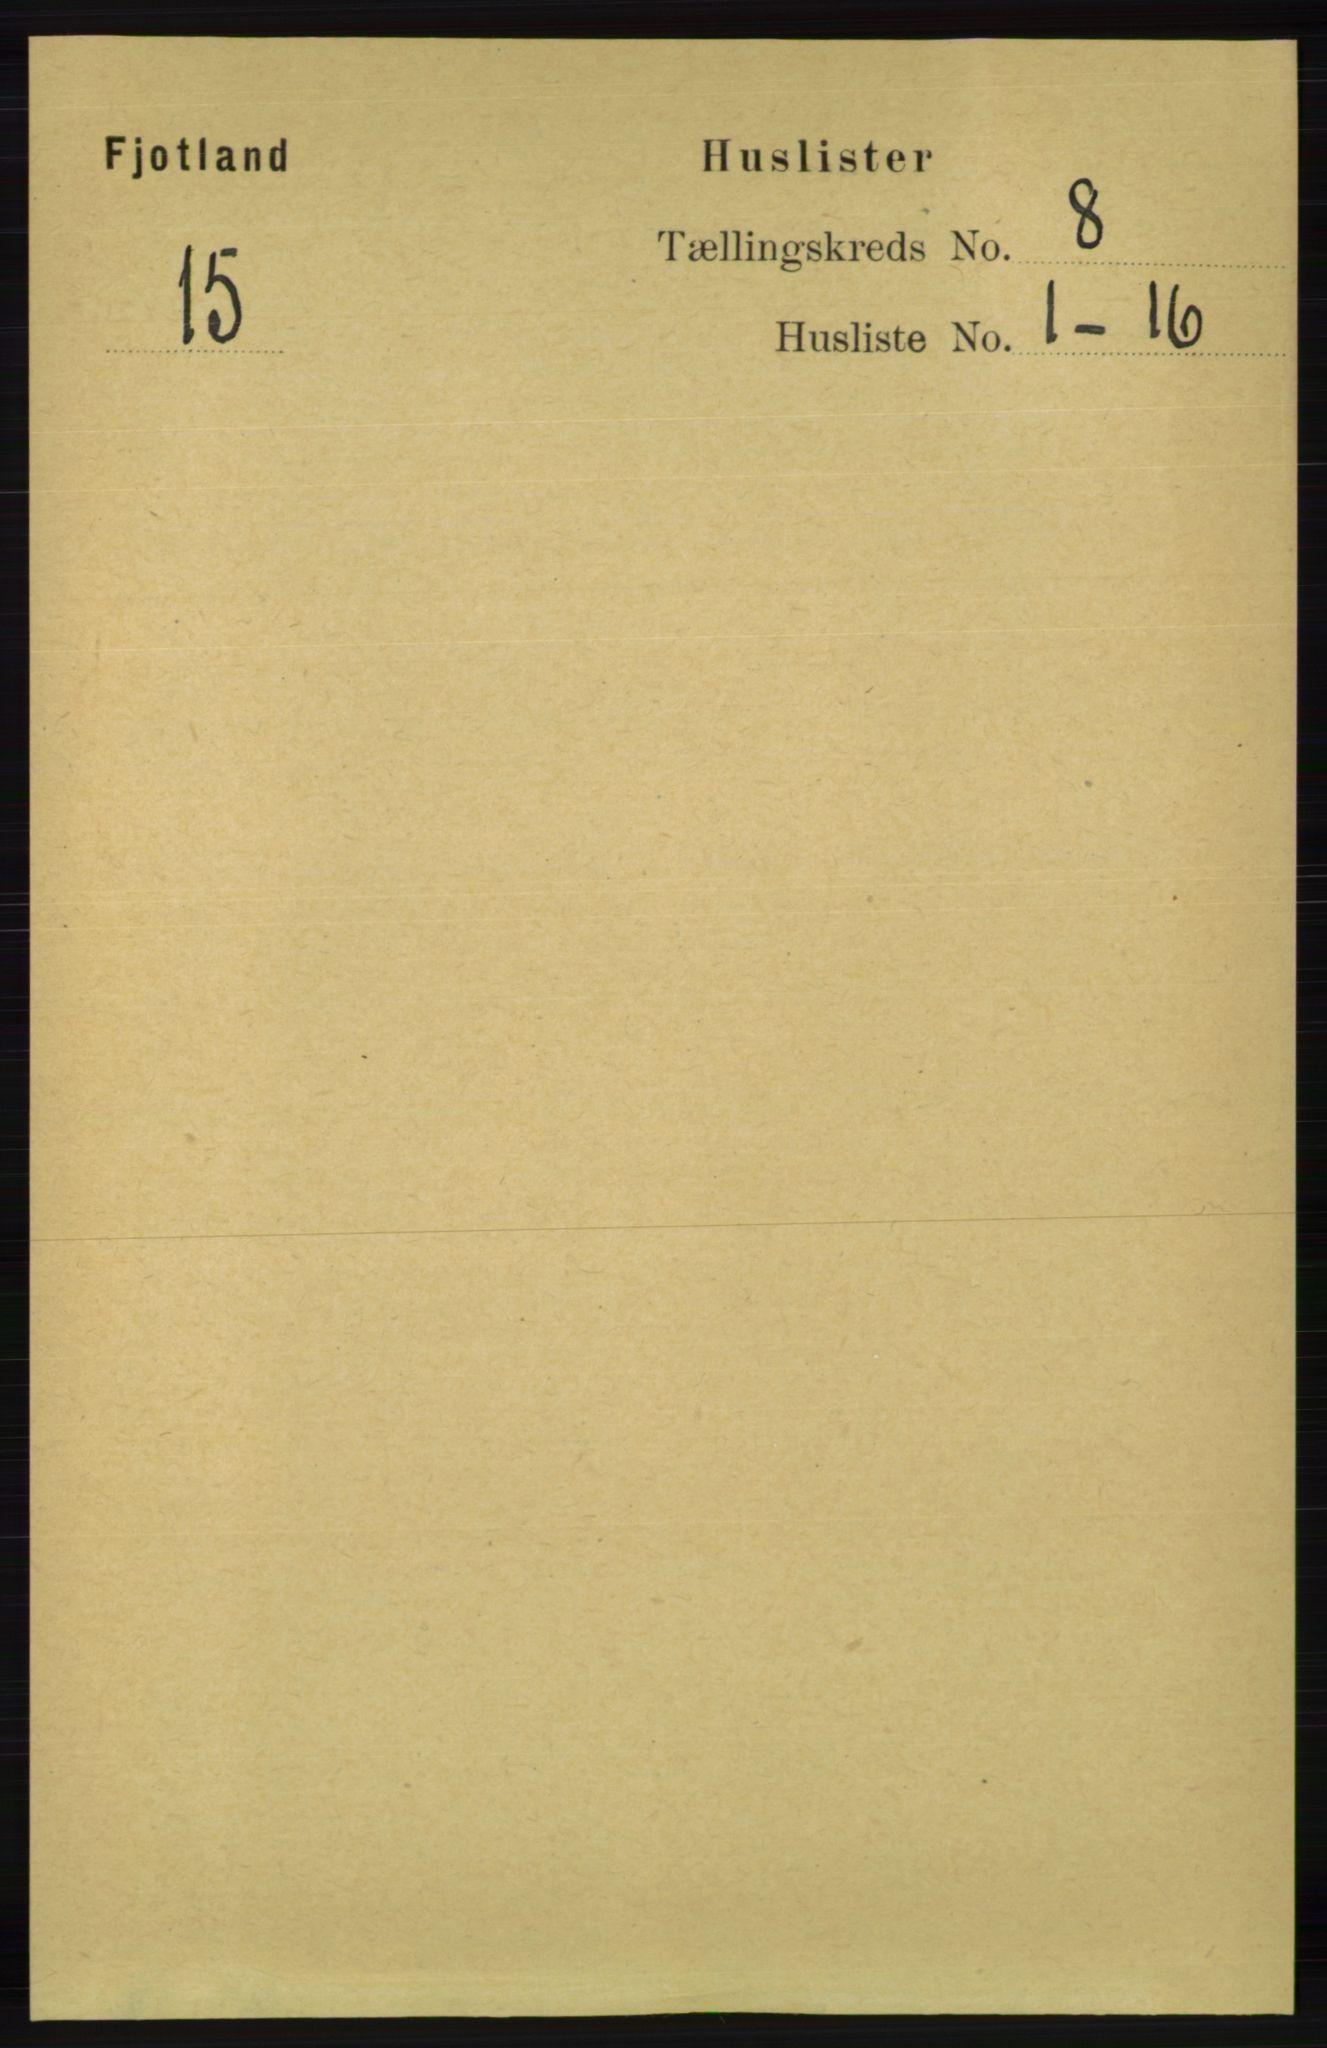 RA, Folketelling 1891 for 1036 Fjotland herred, 1891, s. 1170